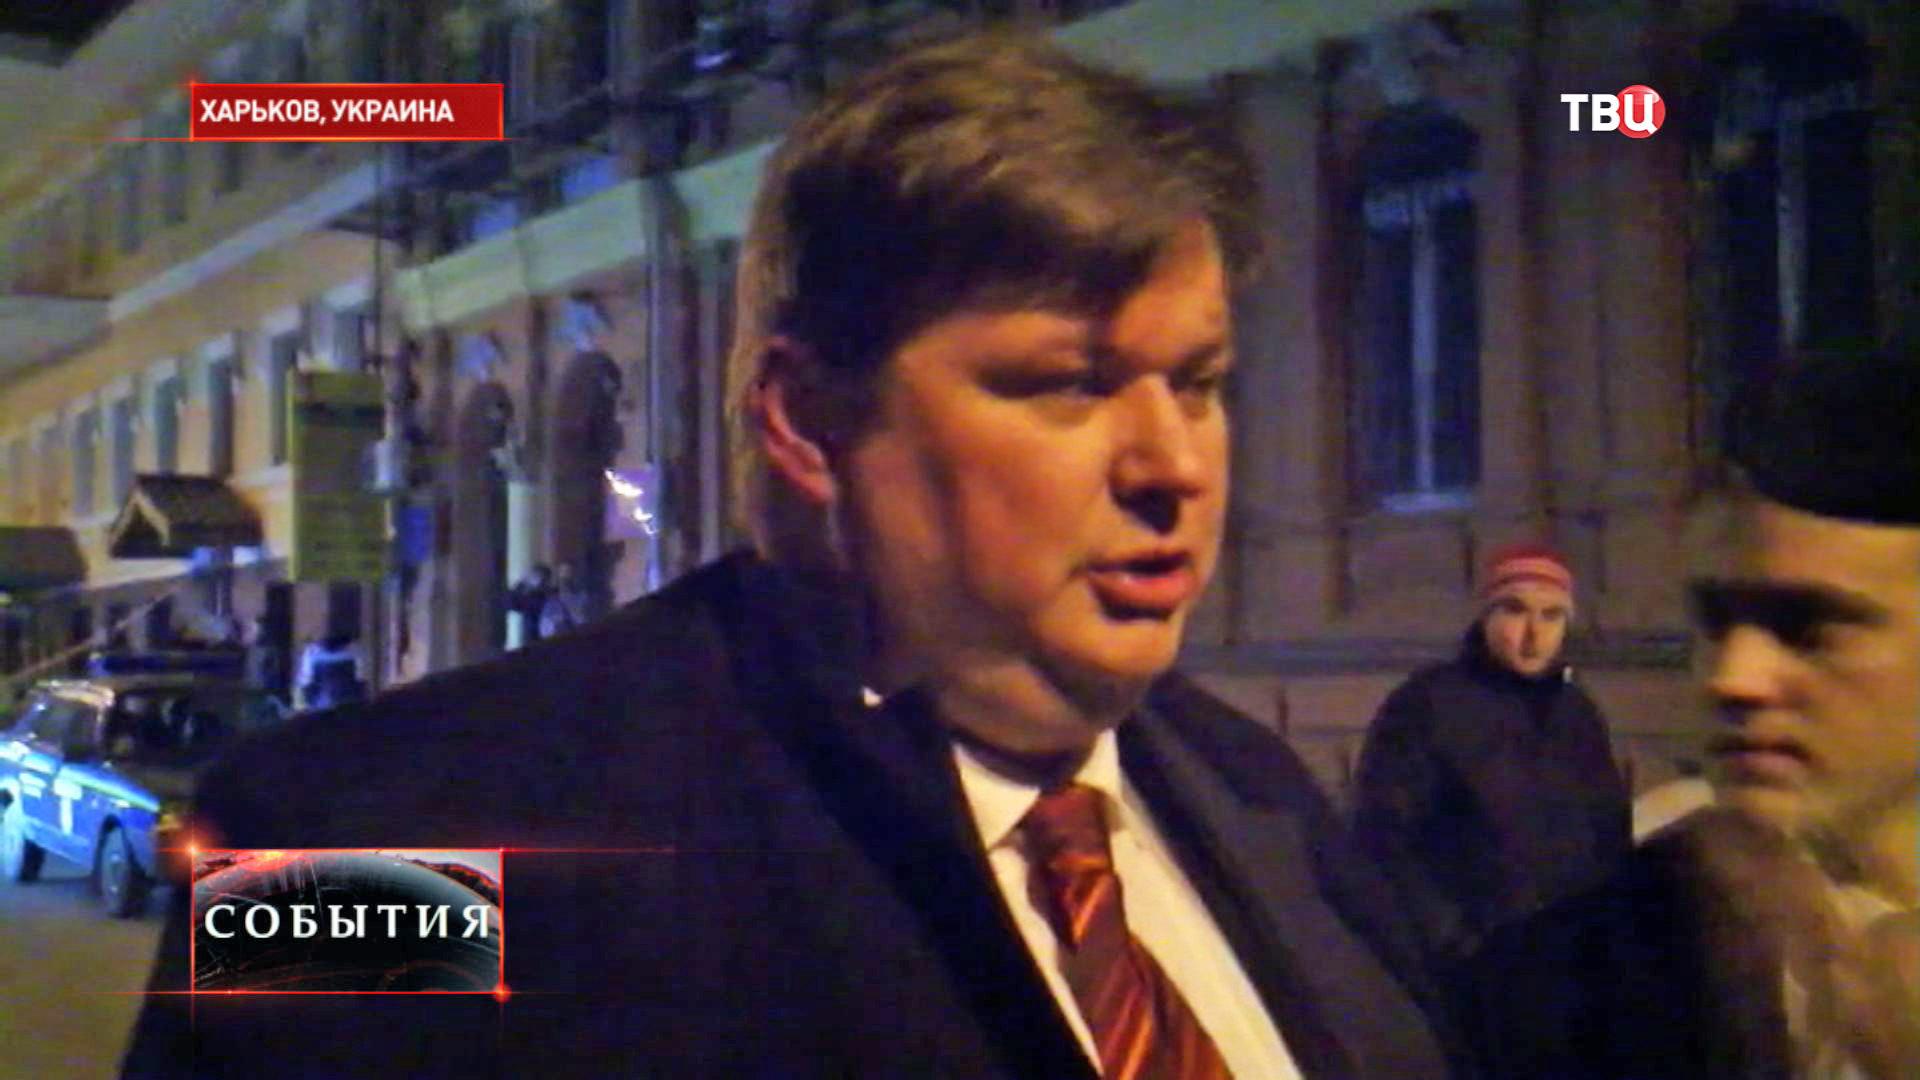 Глава Харьковской областной администрации Игорь Балута